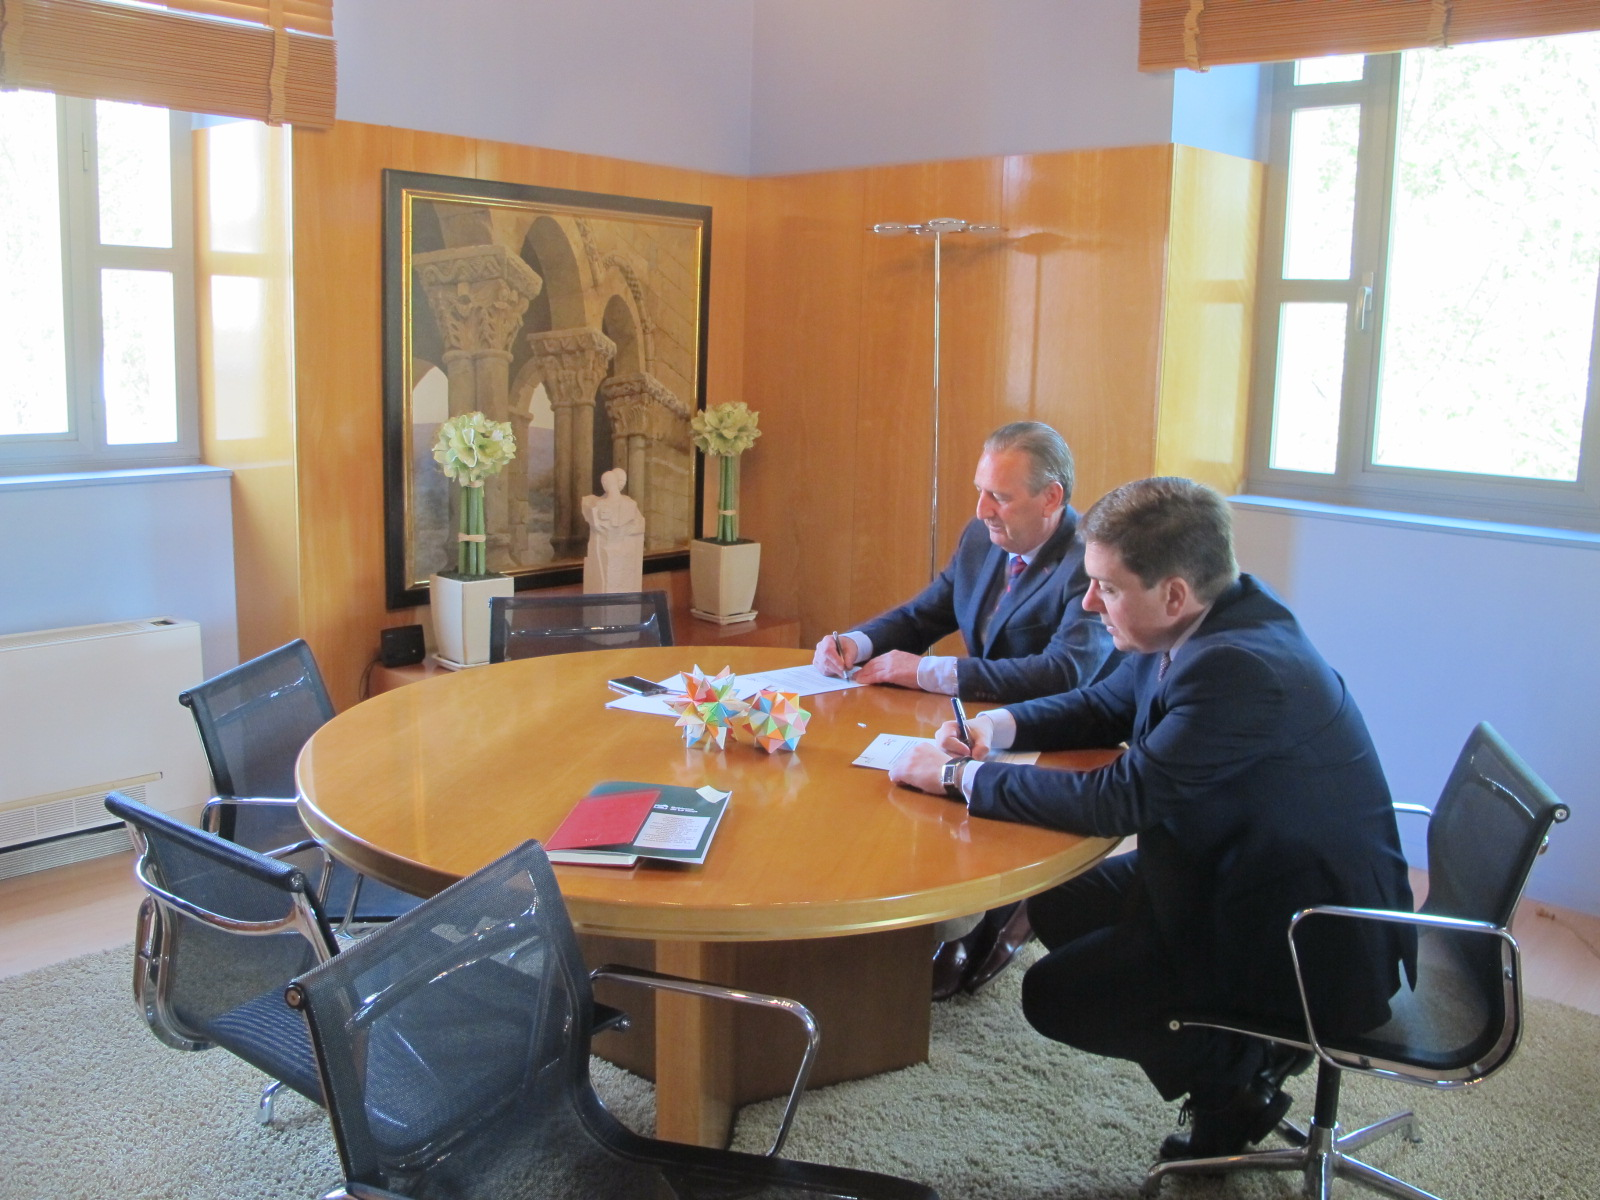 El Consejero de Educación, Formación y Empleo, Alberto Galiana, y el Director General de Logroño Integración del Ferrocarril 2002, Santiago Miyares, firman el convenio de colaboración, 25 de abril de 2018